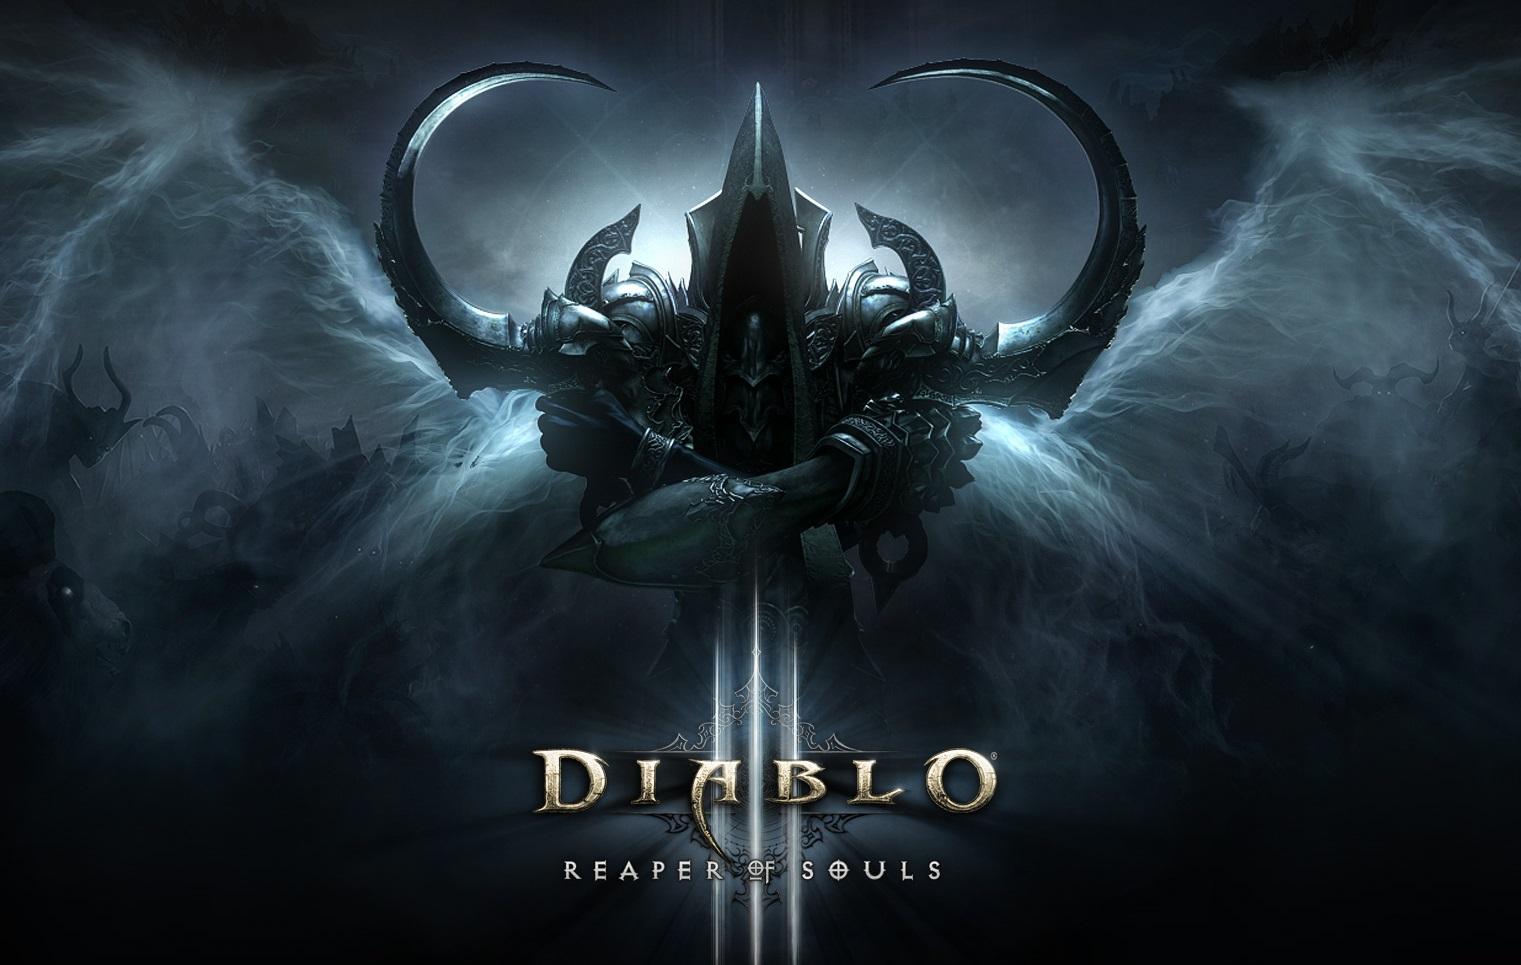 DIII-Reaper_of_souls